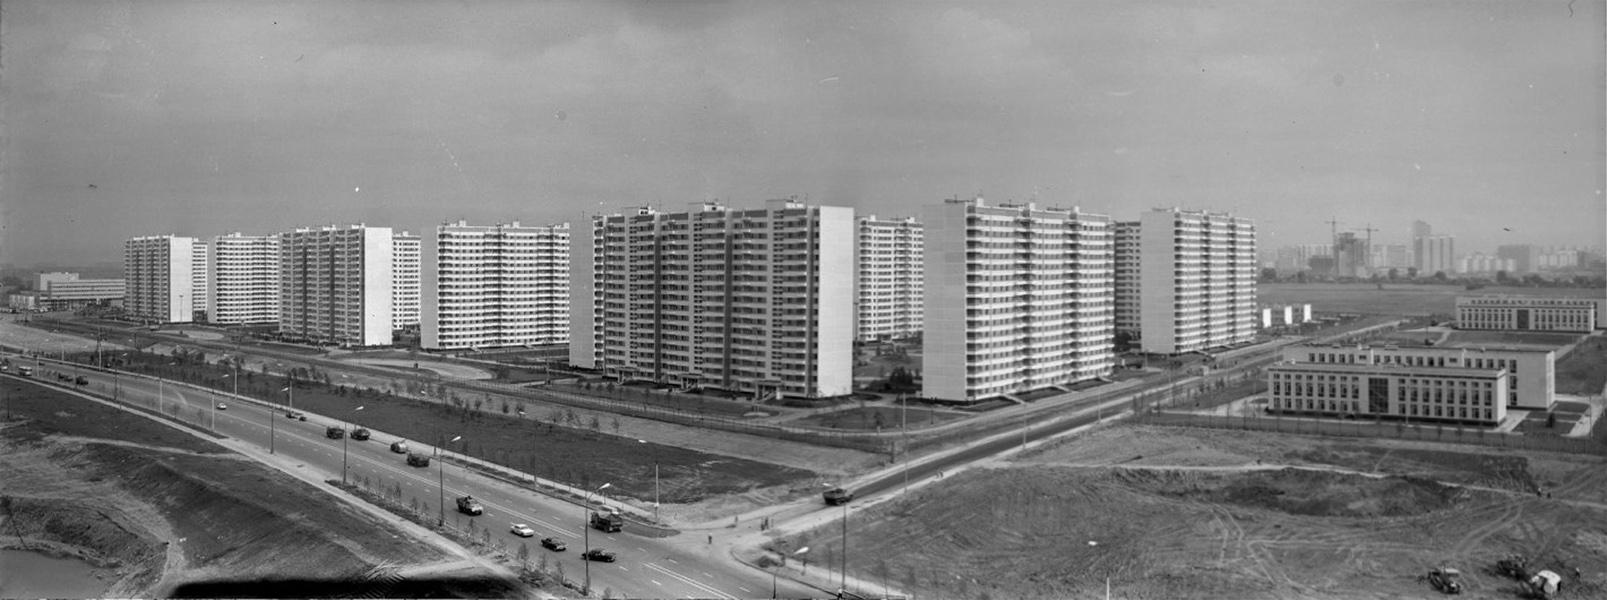 1980 Панорама Олимпийской деревни. Жилой комплекс. Петров Ю.Е.3